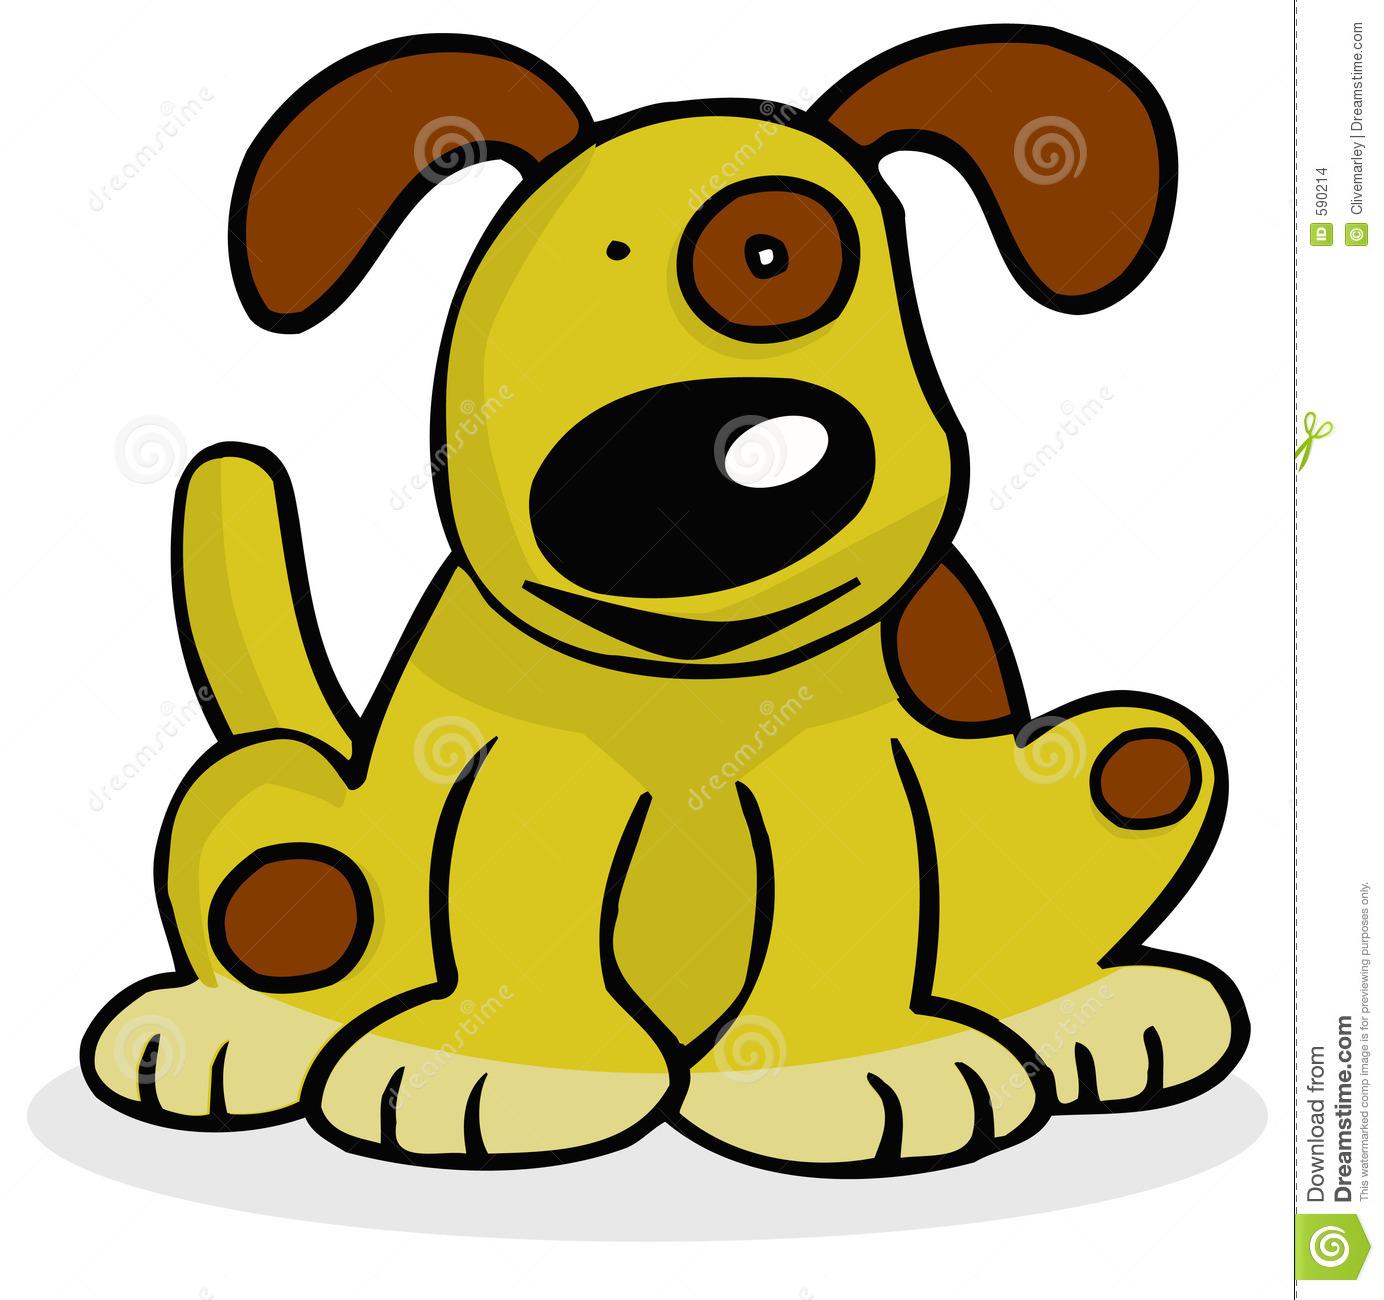 Happy dog clipart - photo#12